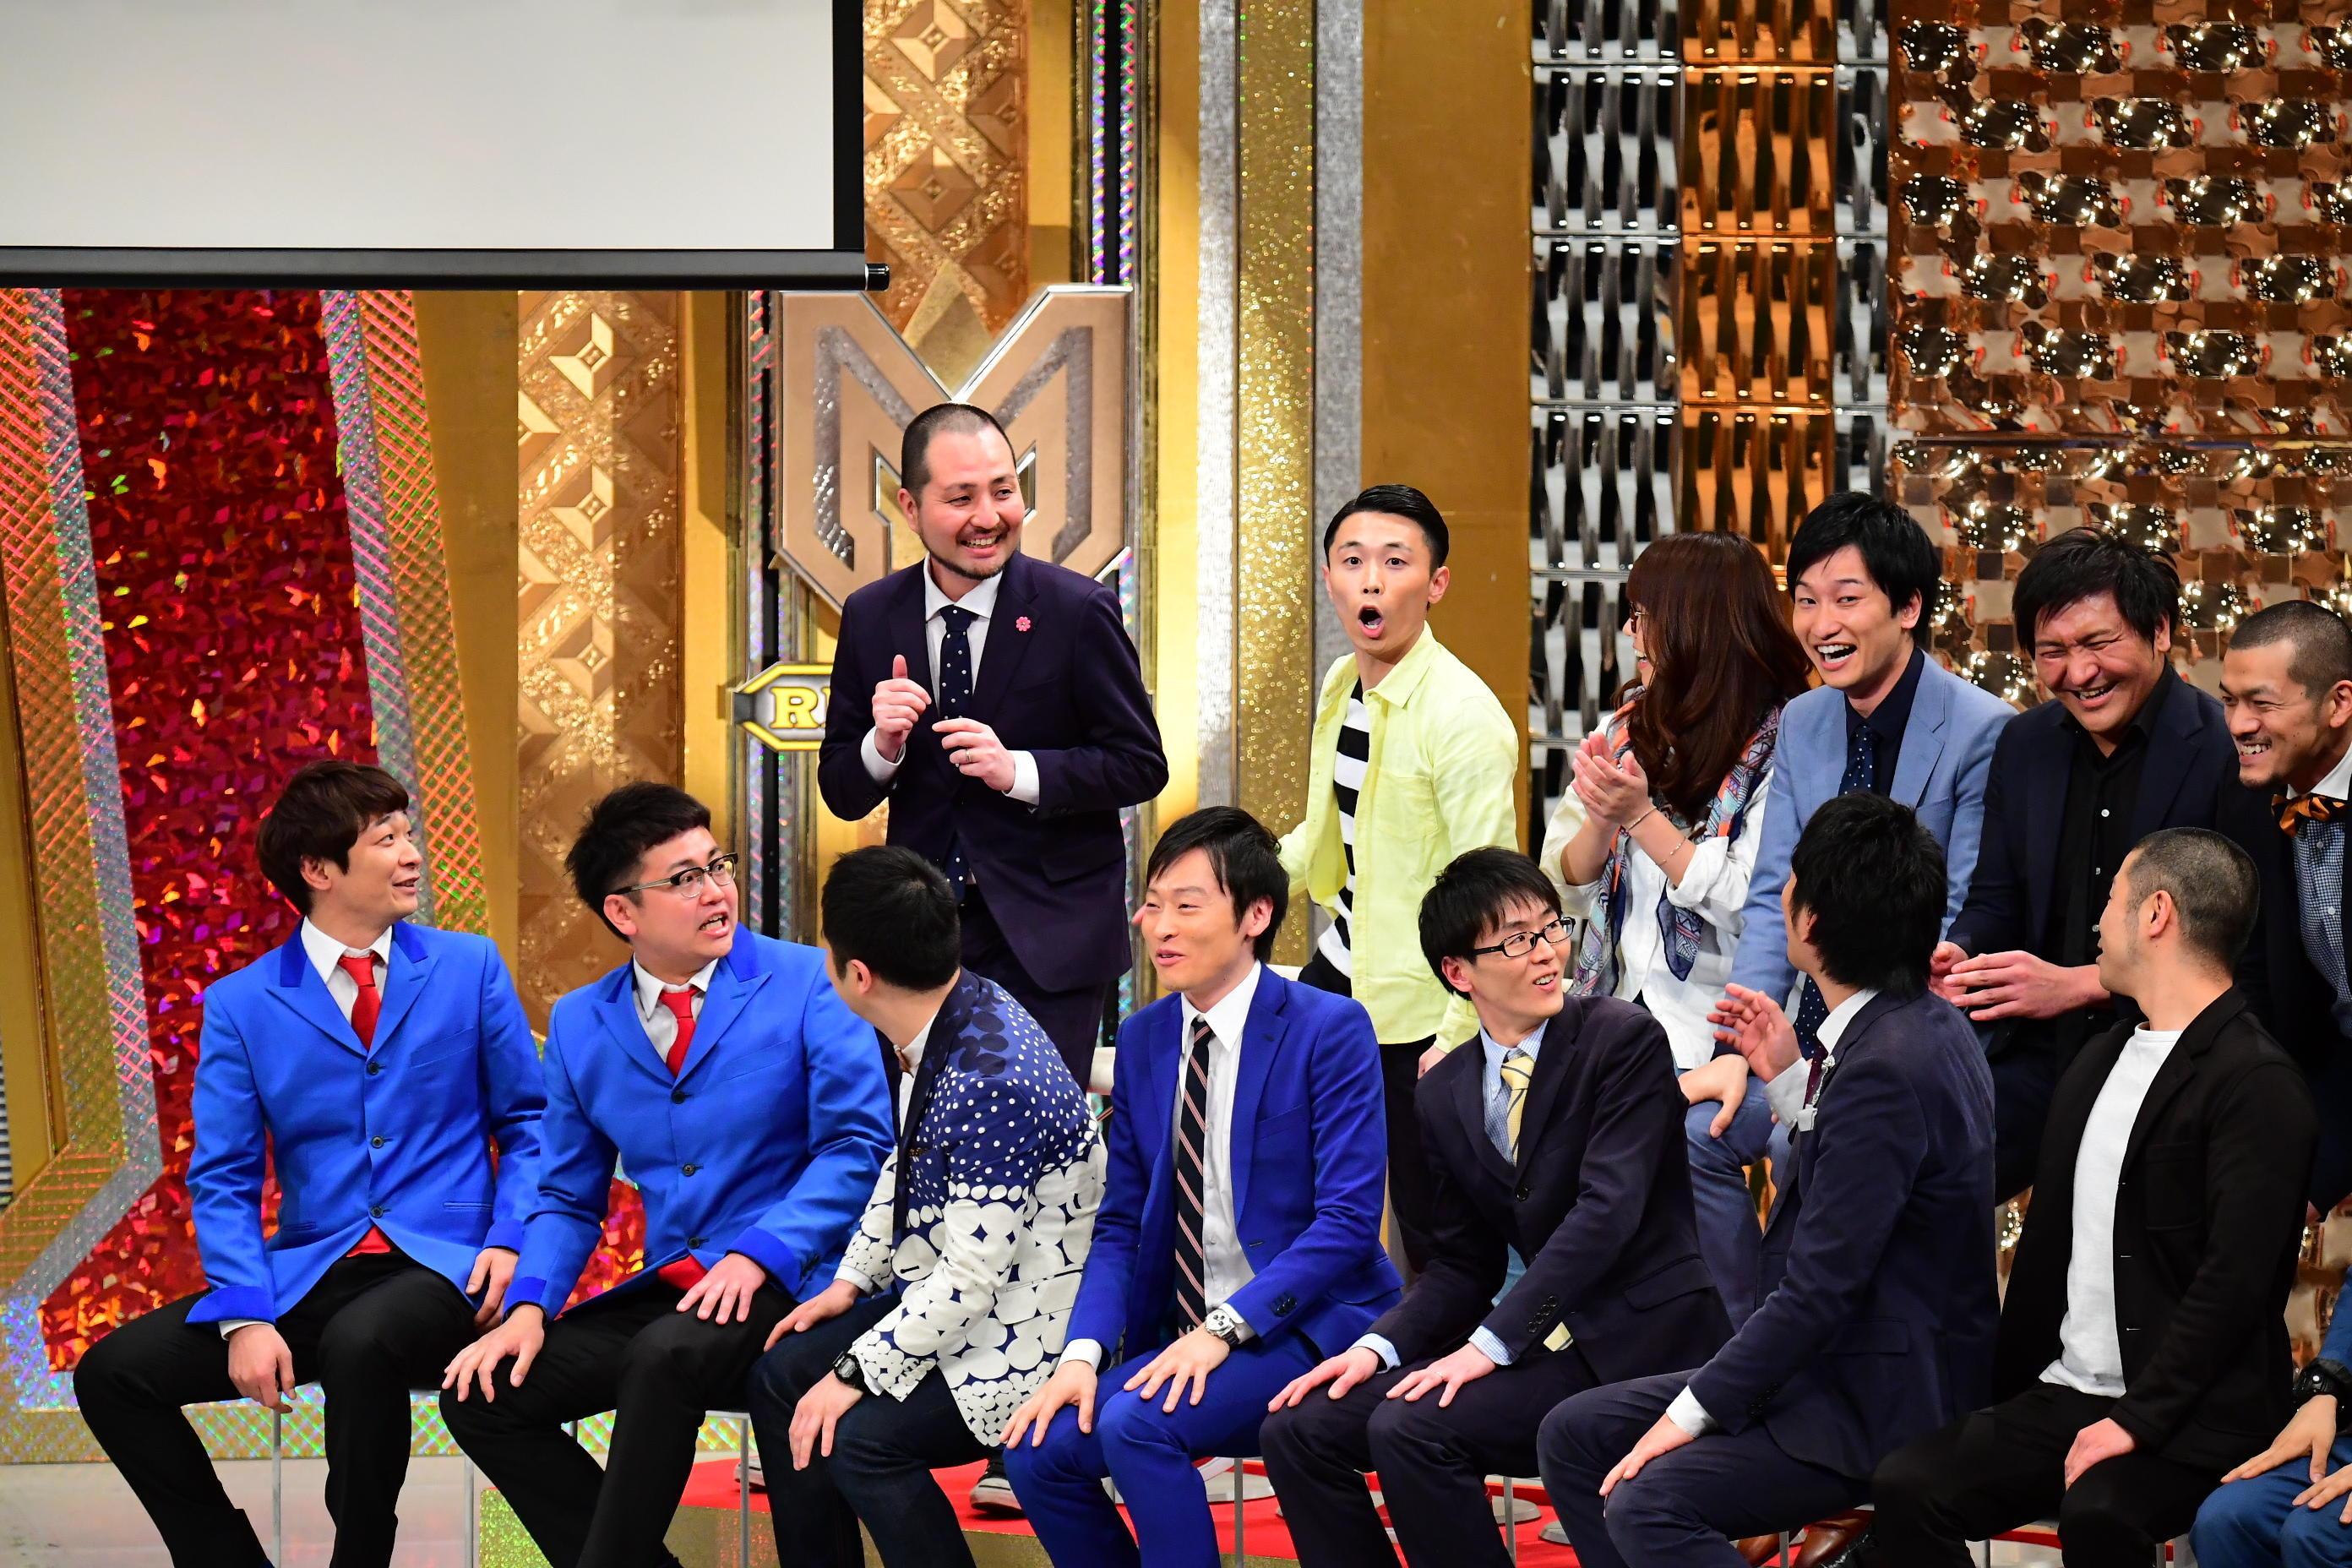 http://news.yoshimoto.co.jp/20170228155810-8cd3952f0a0630f46dffcebe2bfbc0c37e5994de.jpg